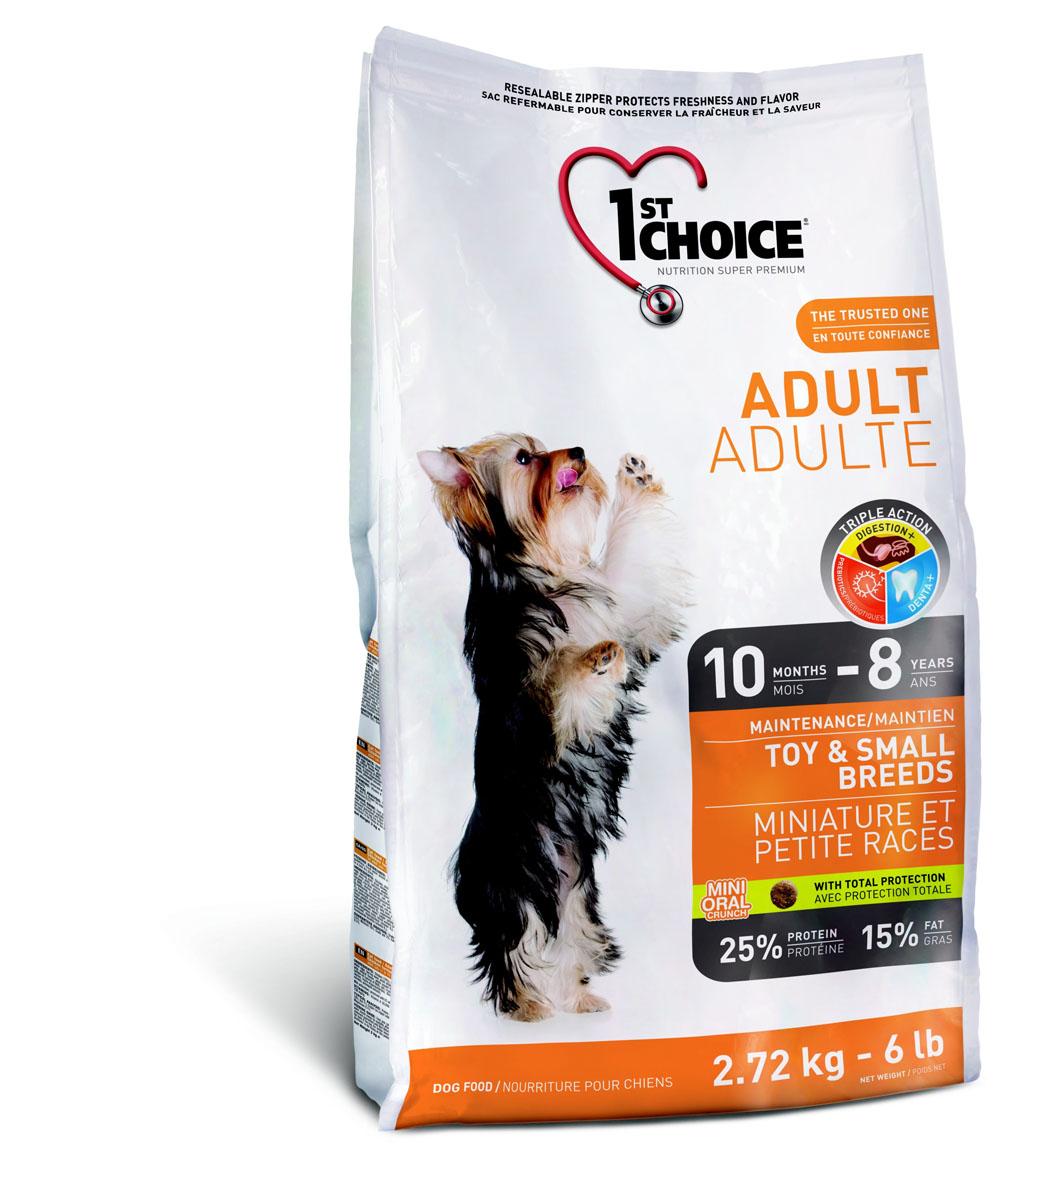 """Корм сухой 1st Choice """"Adult"""" для взрослых собак декоративных и мелких пород, с курицей, 2,72 кг"""